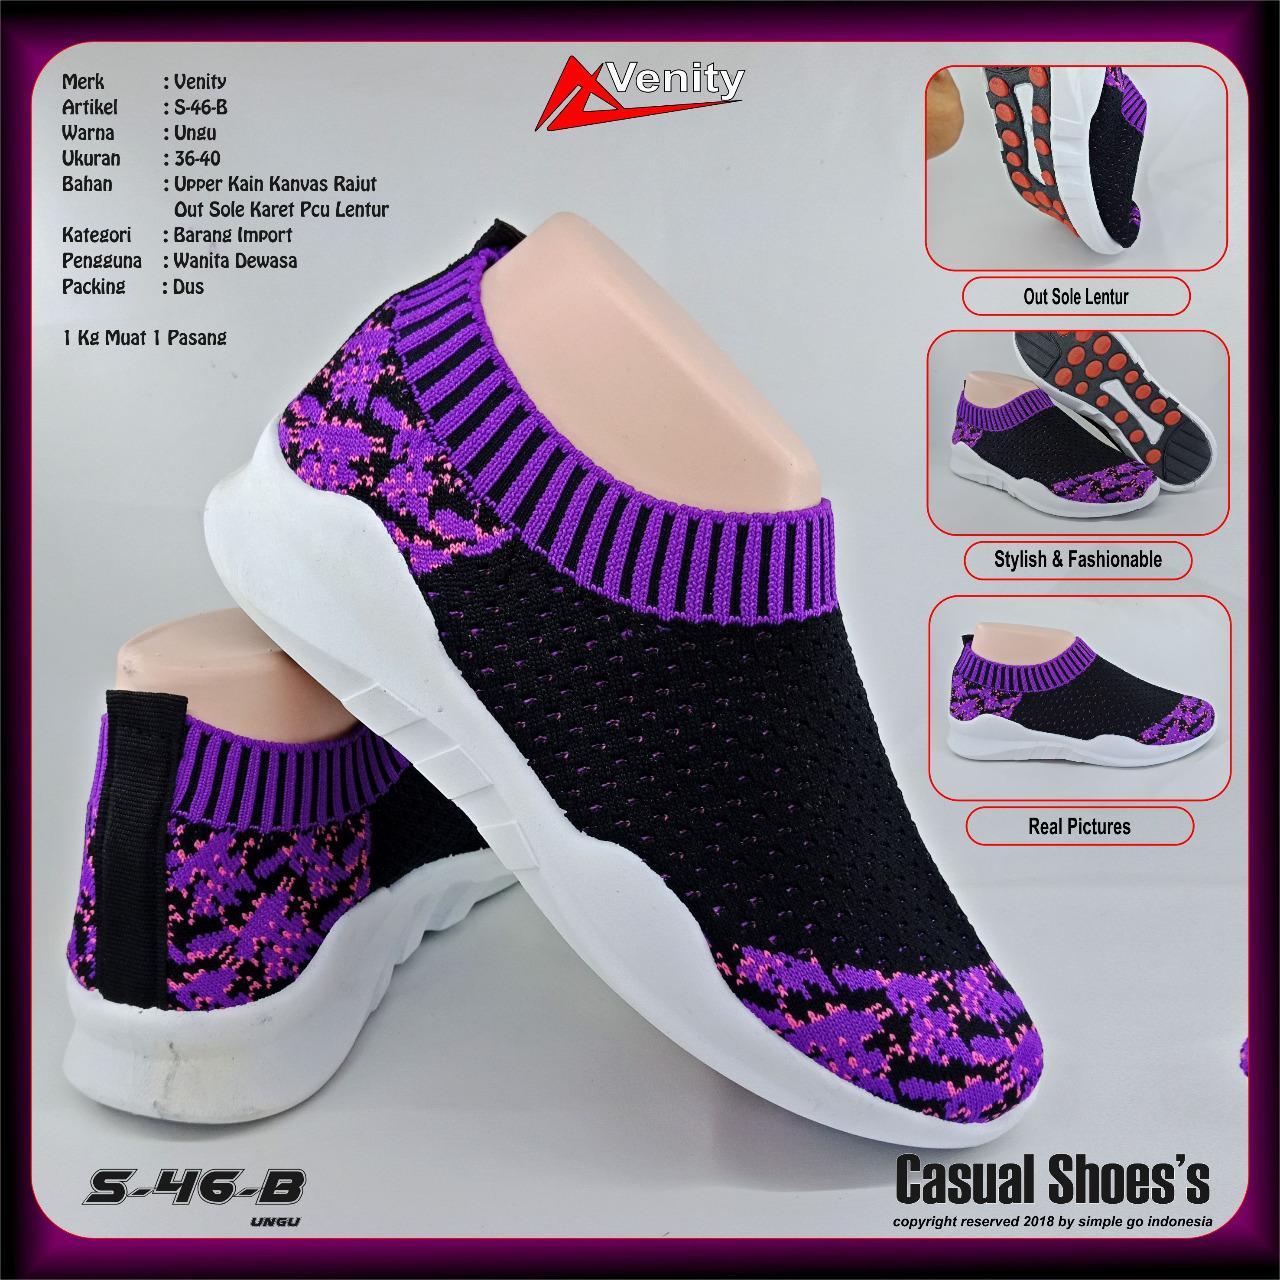 Venity s45 sepatu sneakers wanita s46 - s47 ukuran 36-40